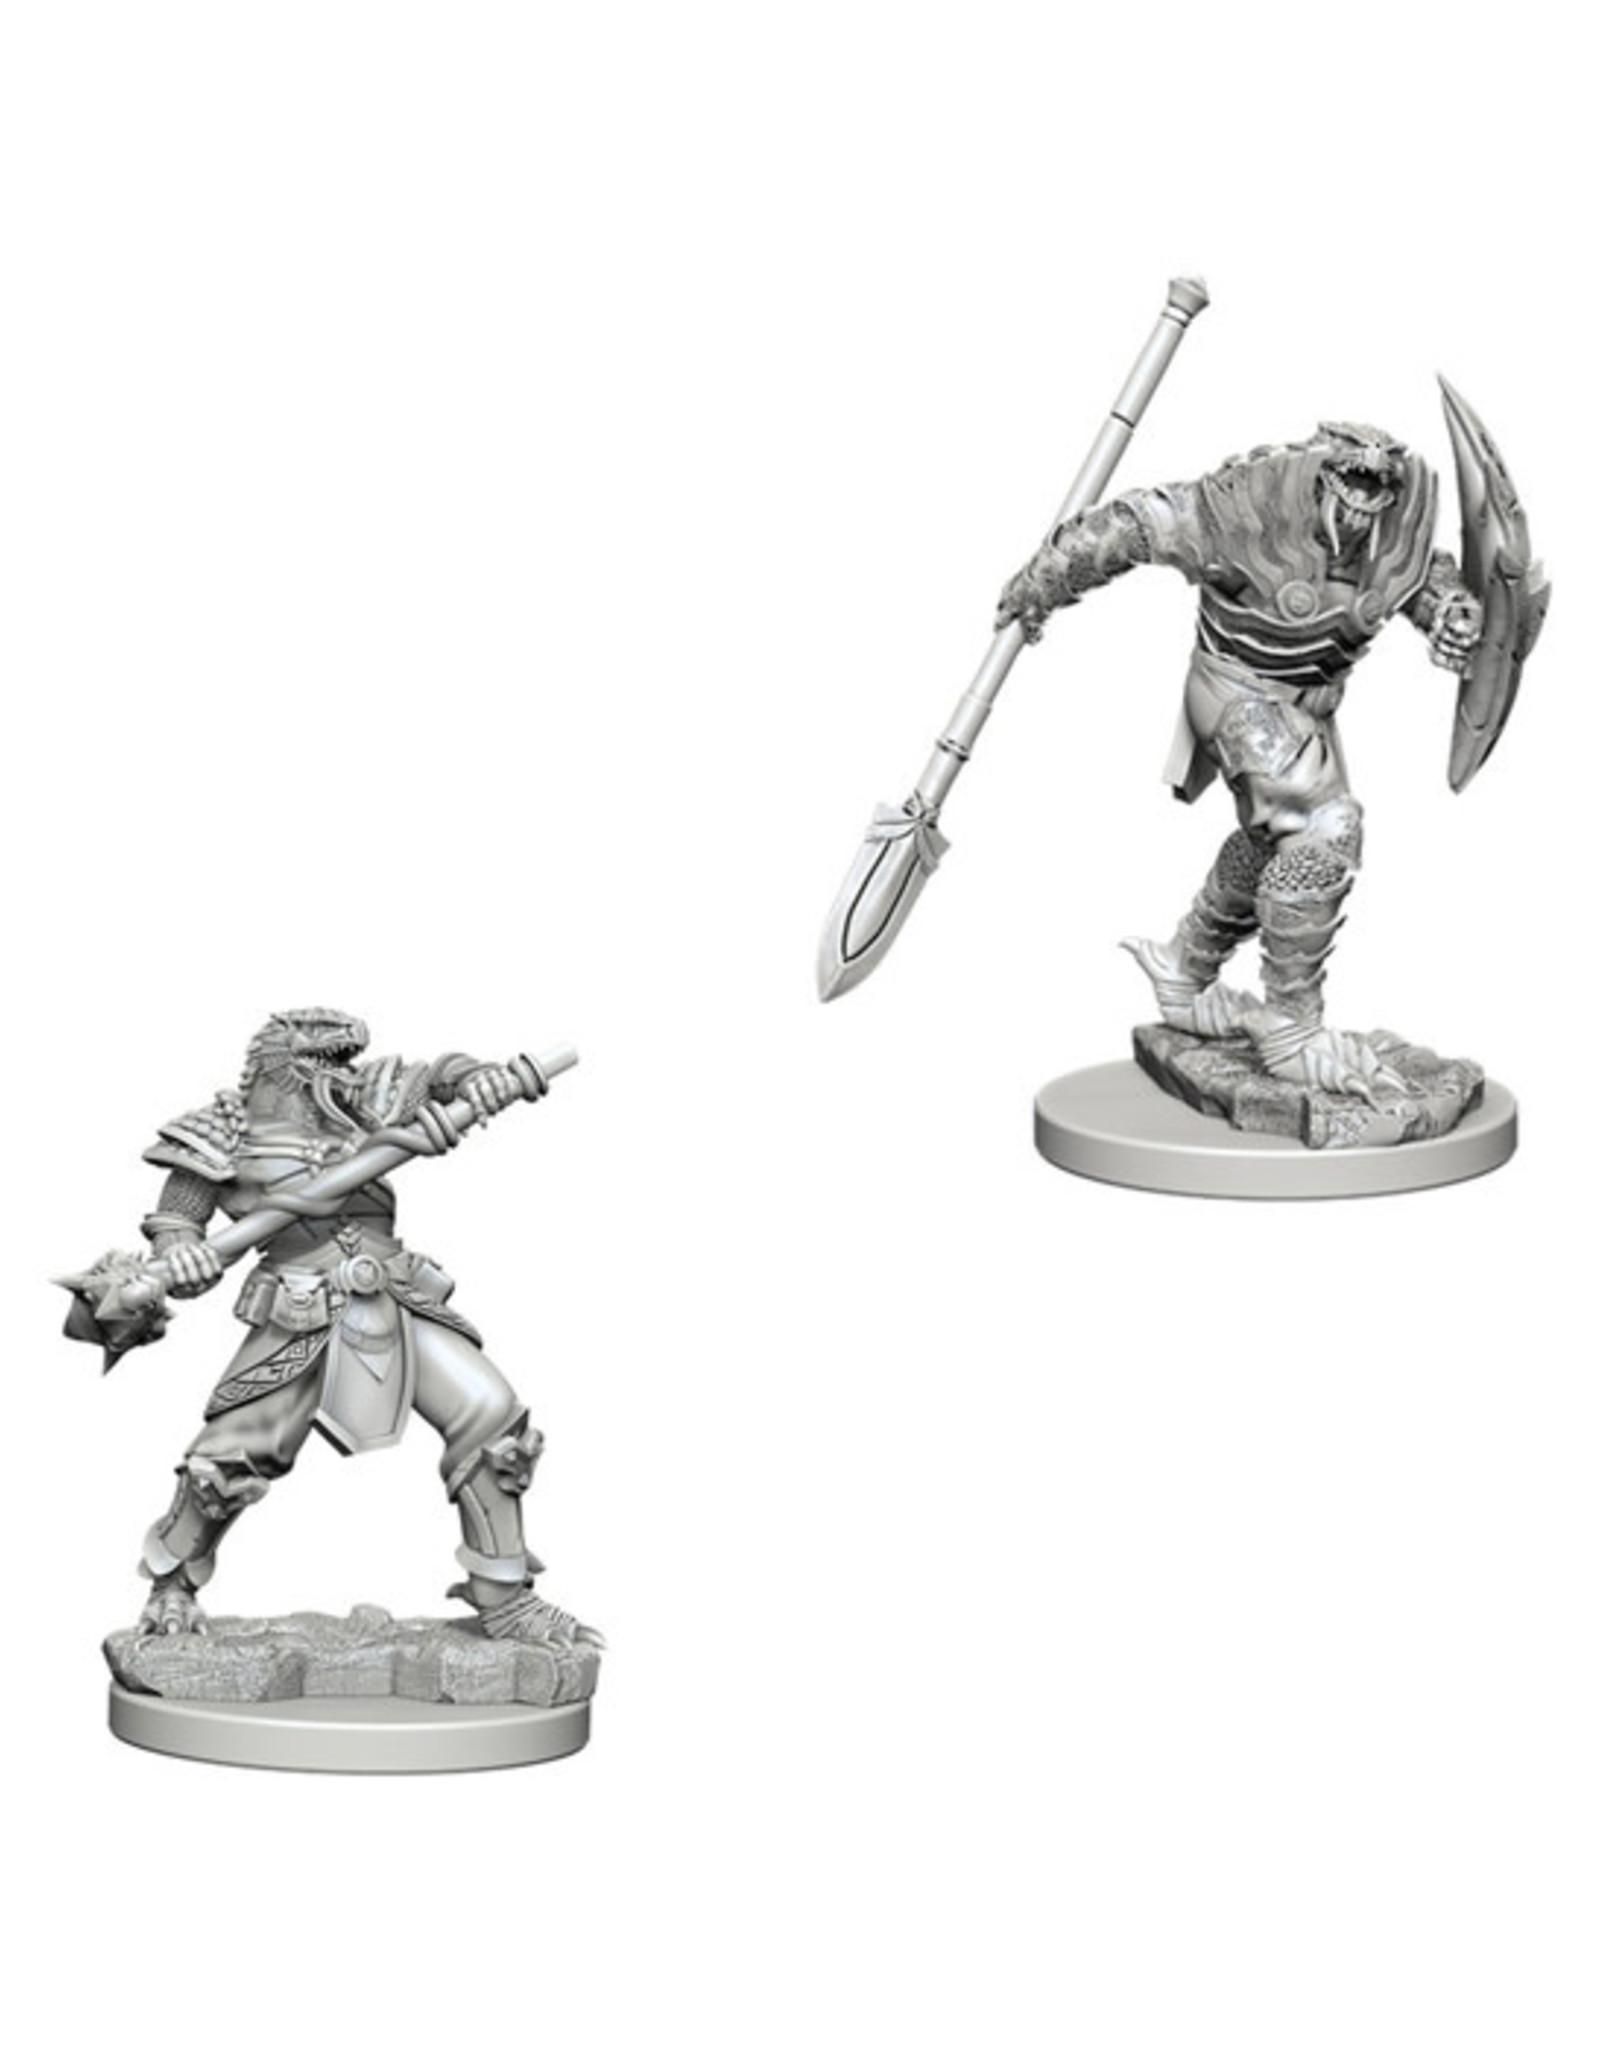 Dungeons & Dragons Dungeons & Dragons: Nolzur's - Dragonborn Male Fighter w/ Spear